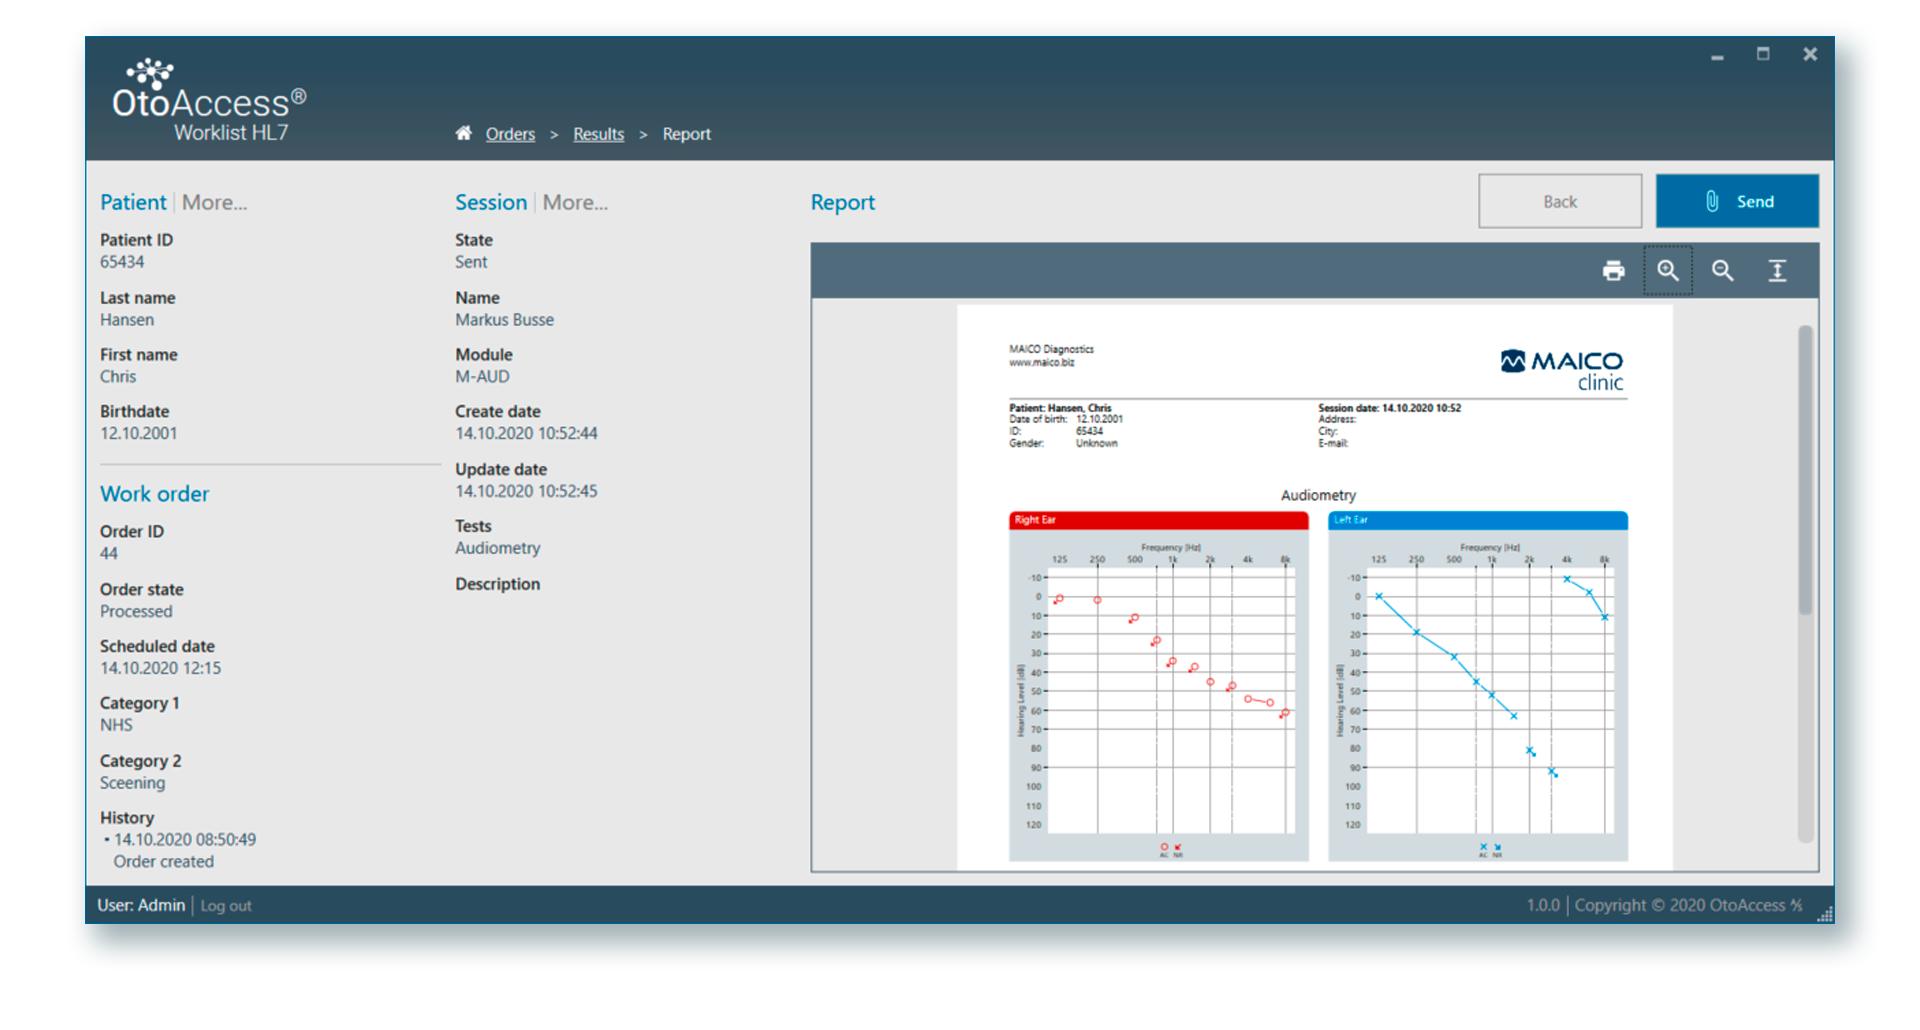 OtoAccess Worklist HL7 Screenshot